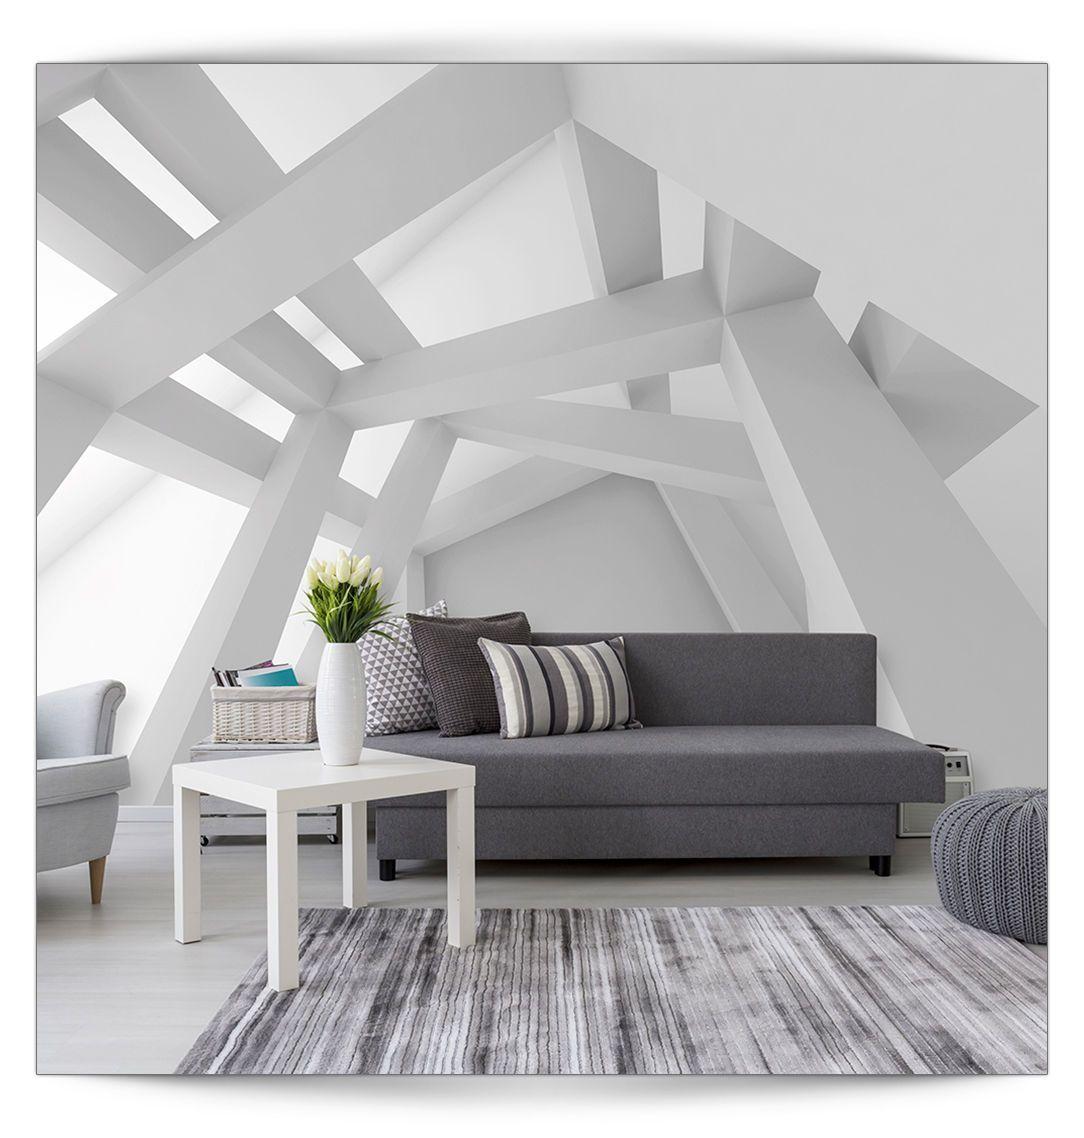 Bett Unter Dachschräge Komfort Schlafzimmer Ideen Mit: Betten Für Schräge Wände